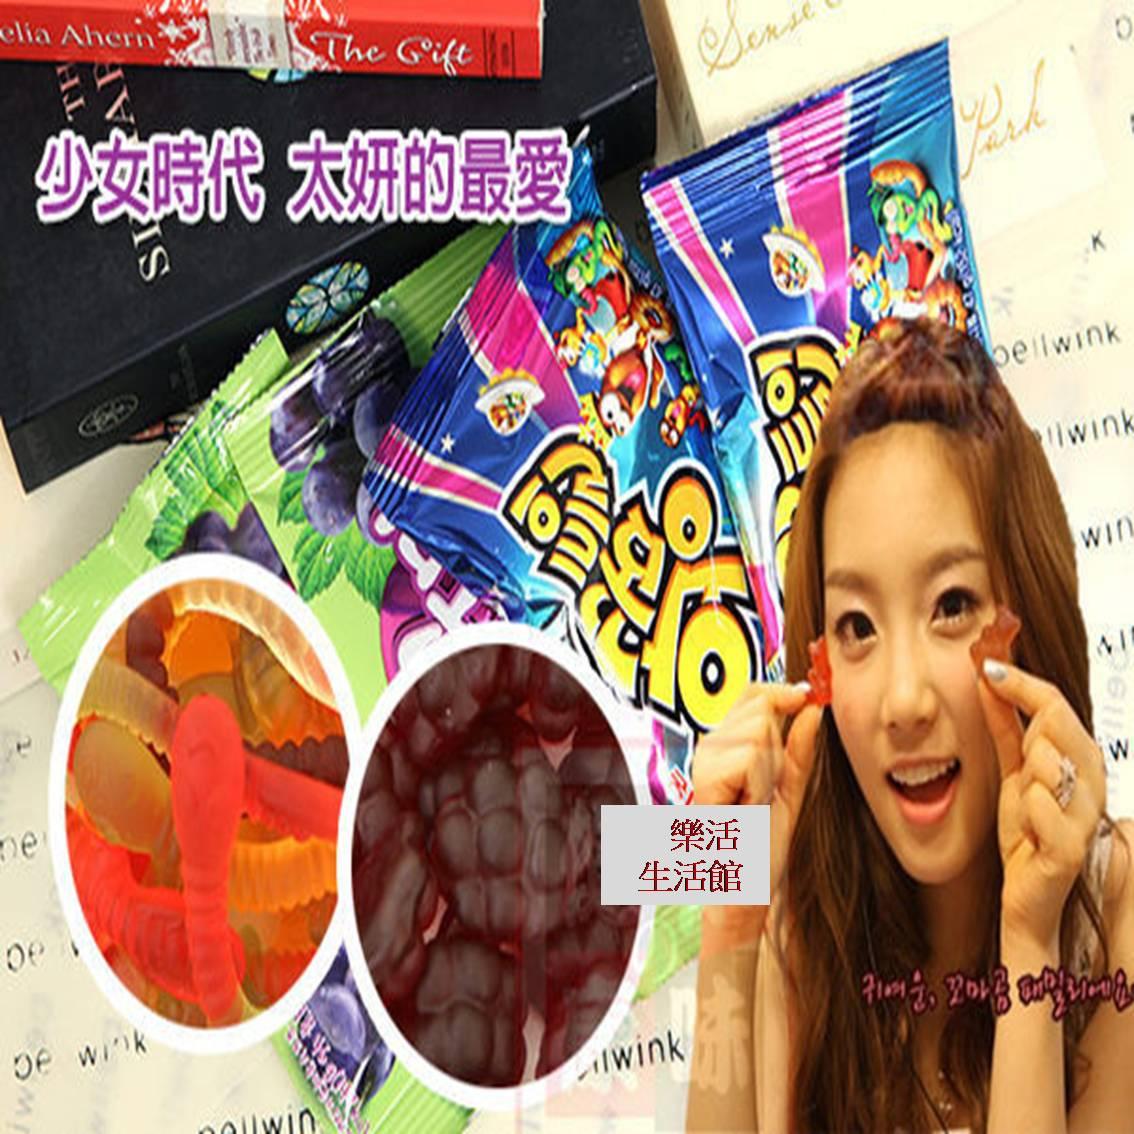 韓國好麗友軟糖-毛毛蟲造型軟糖 葡萄QQ軟糖